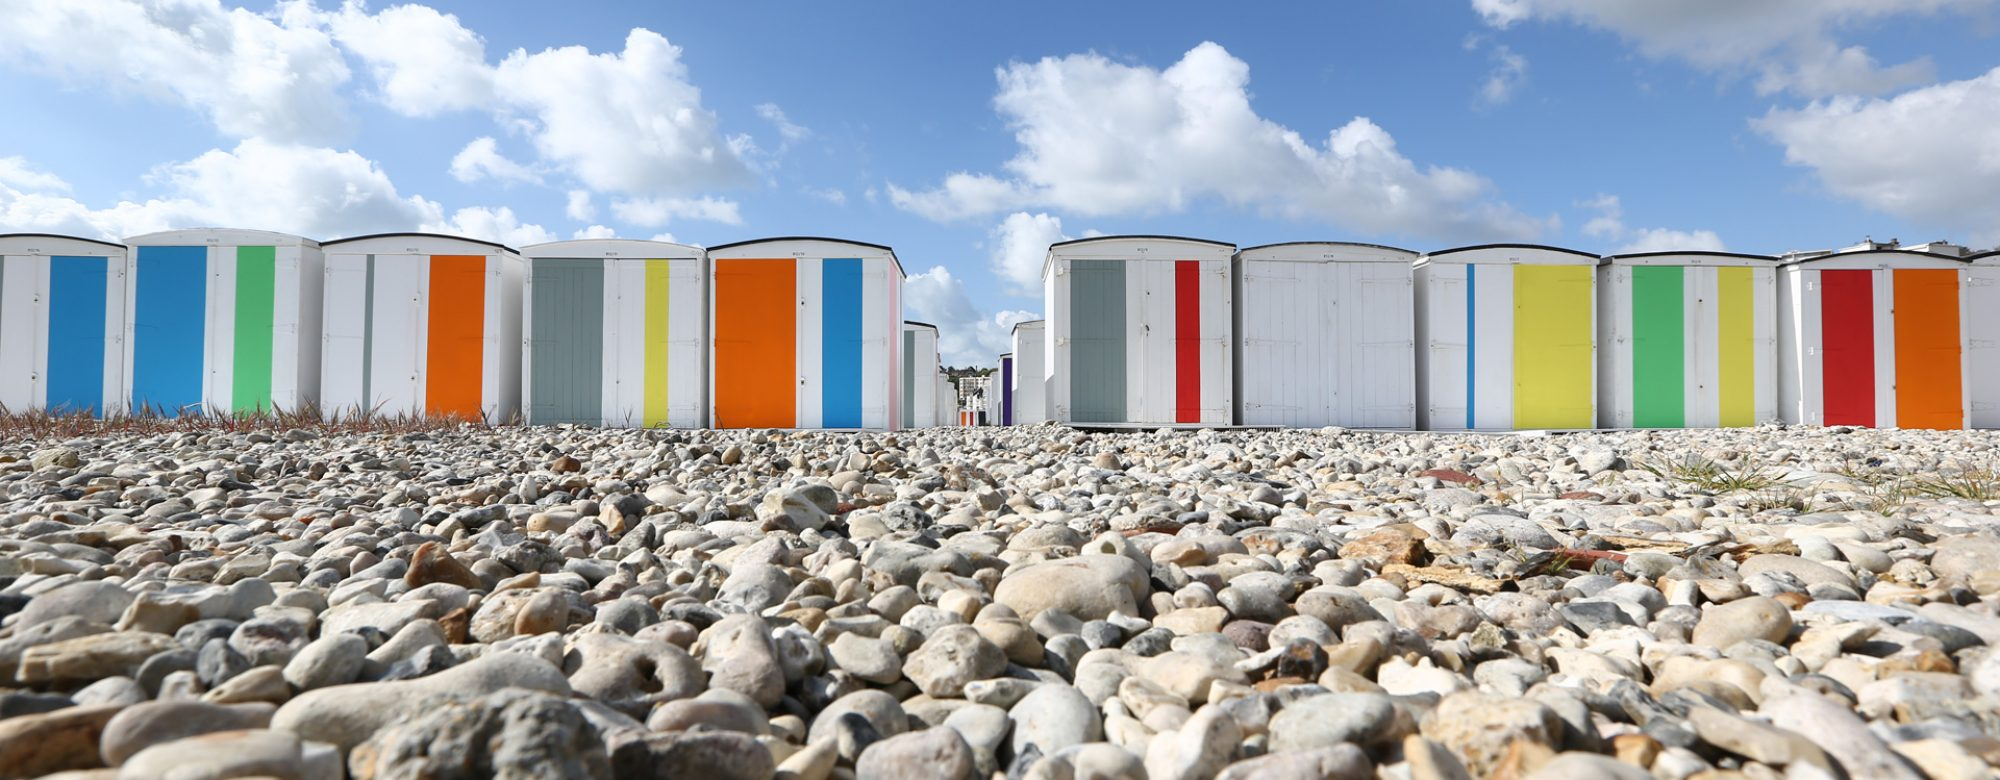 Les cabanes de plage colorées par Karel Martens